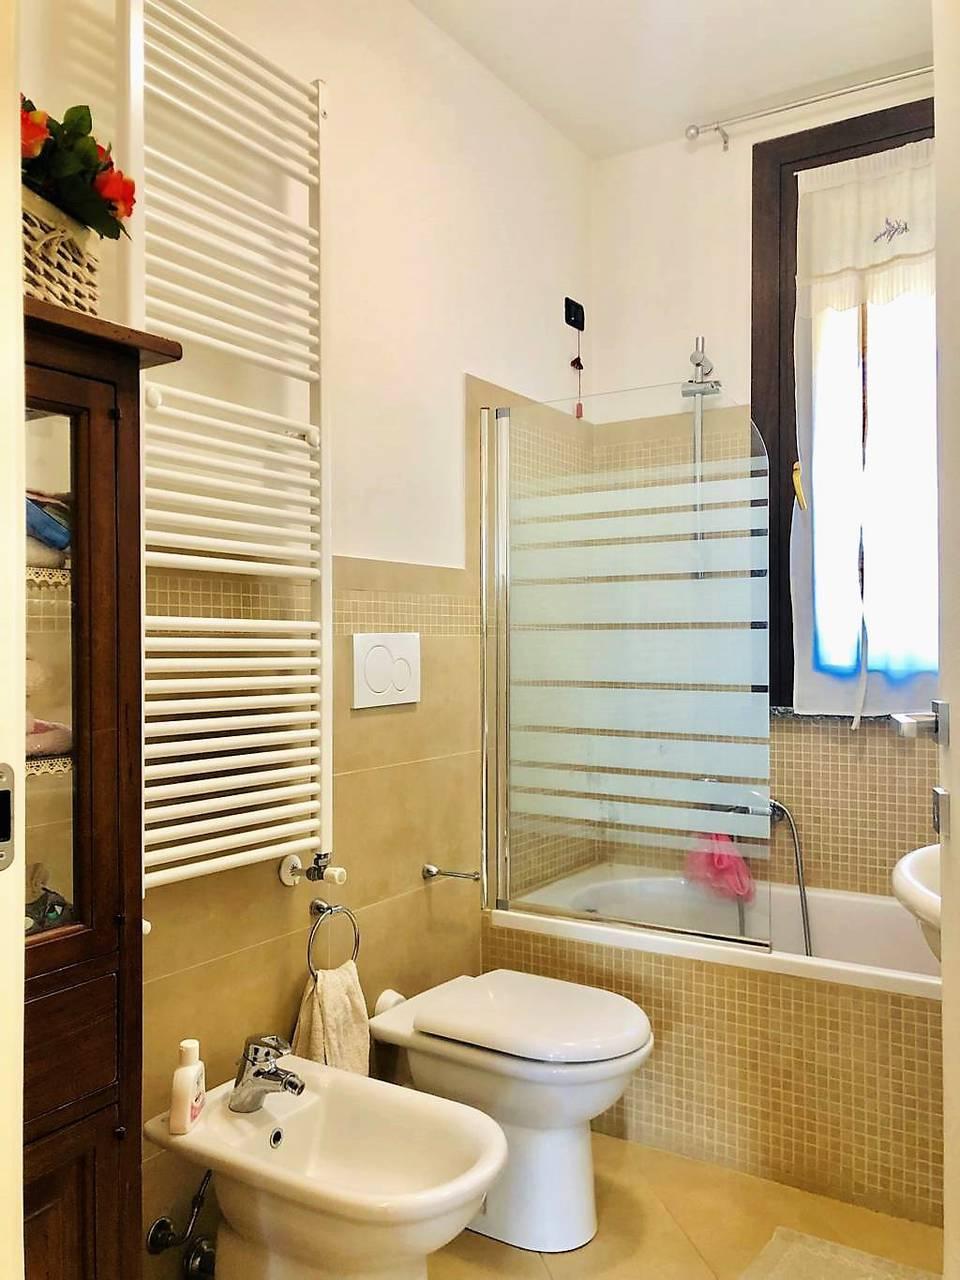 Appartamento-4-locali-con-giardino-in-vendita-a-Carnate-19